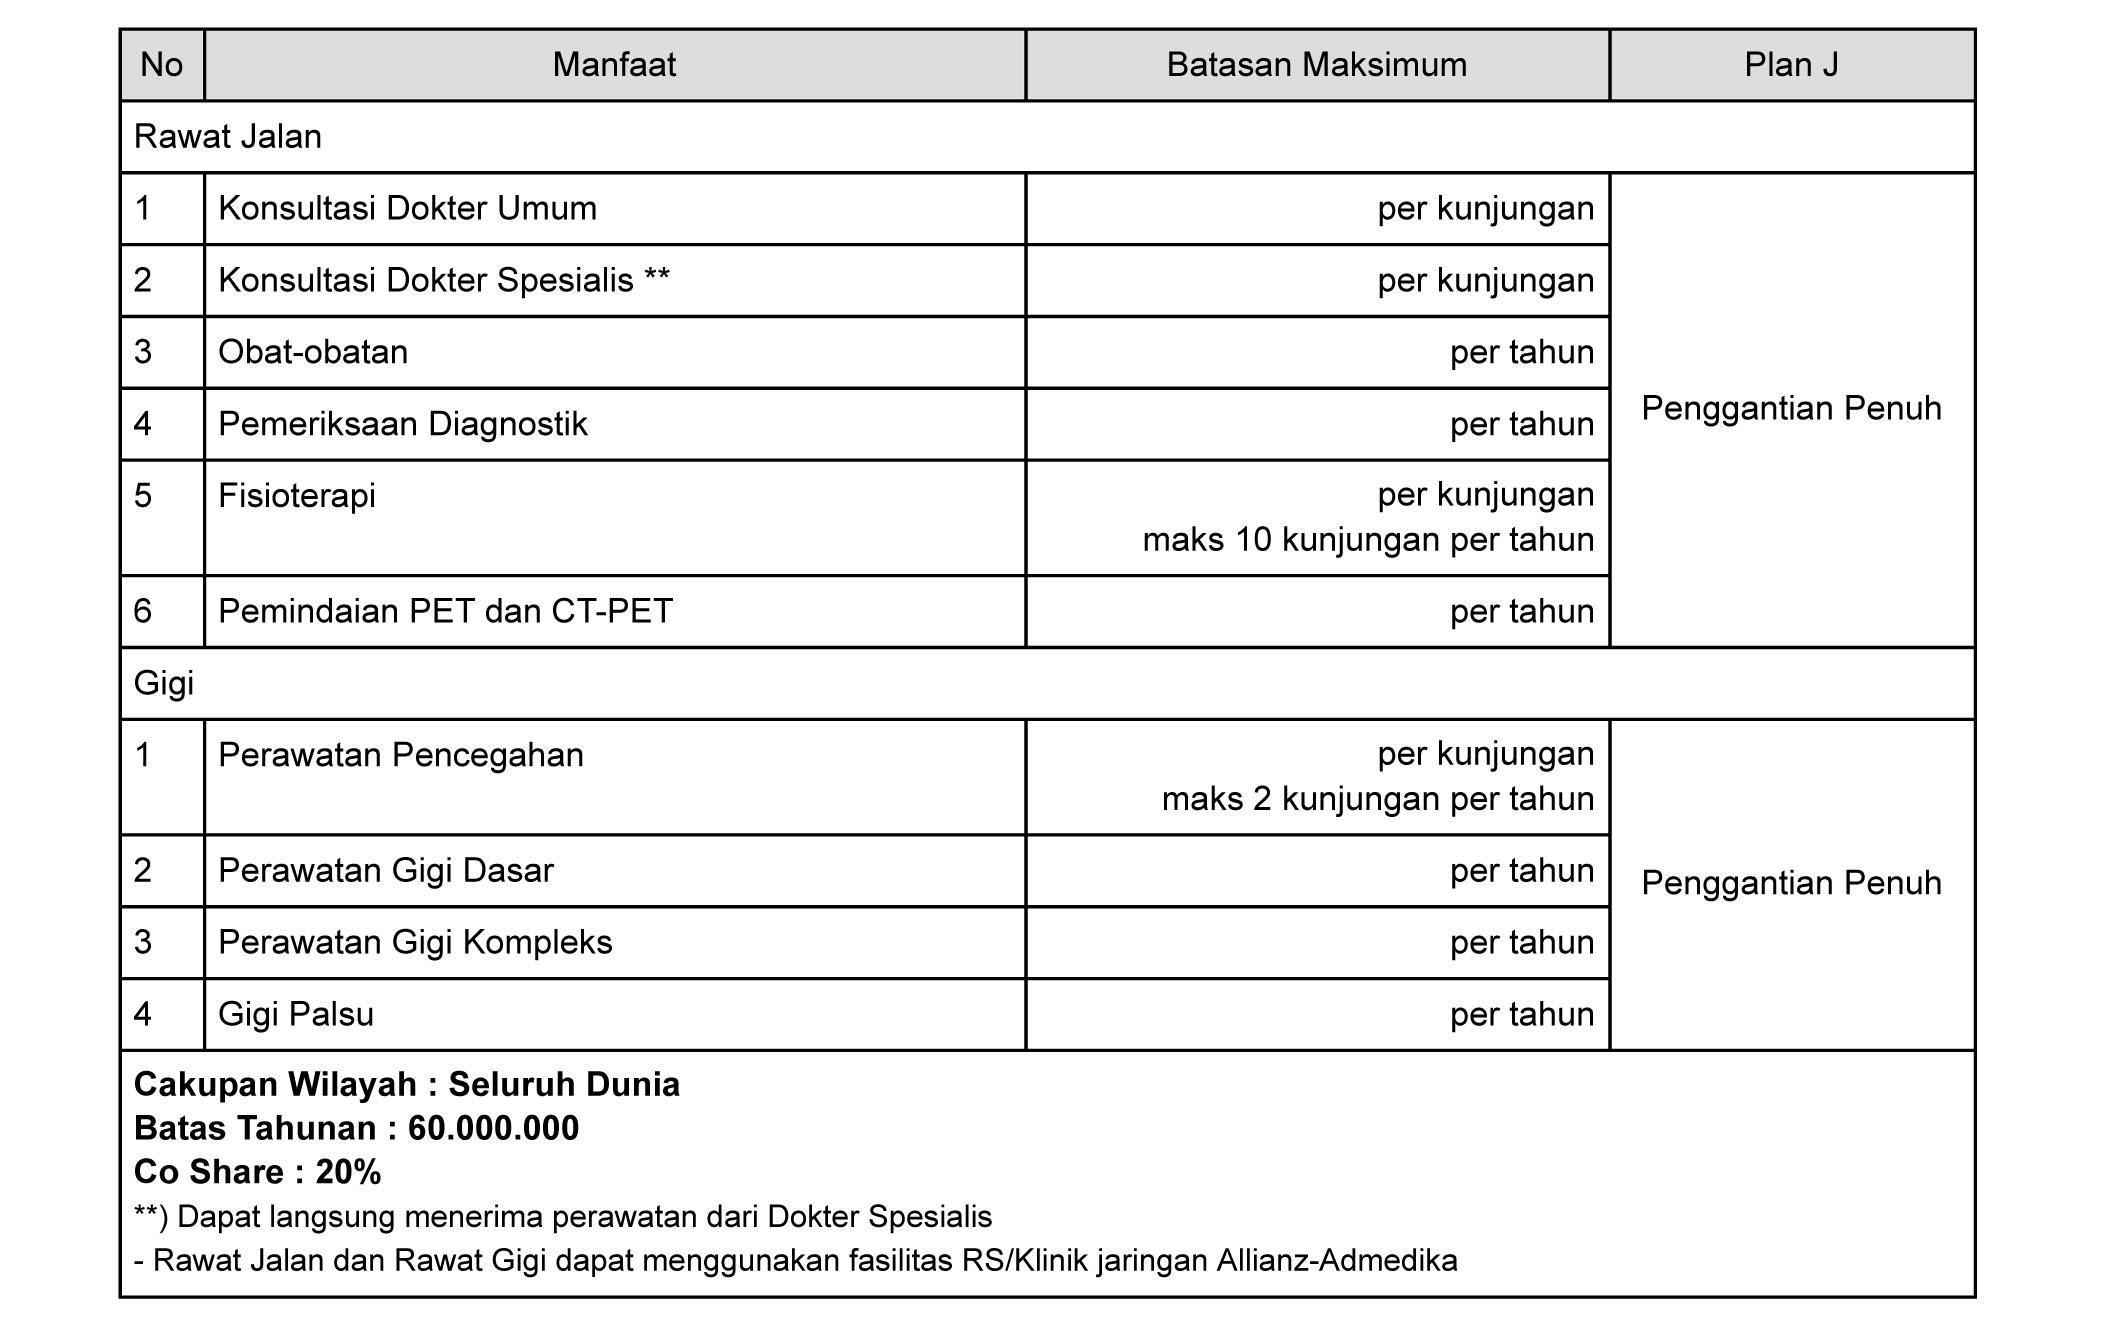 tabel manfaat asuransi rawat gigi smartmed premier plan J